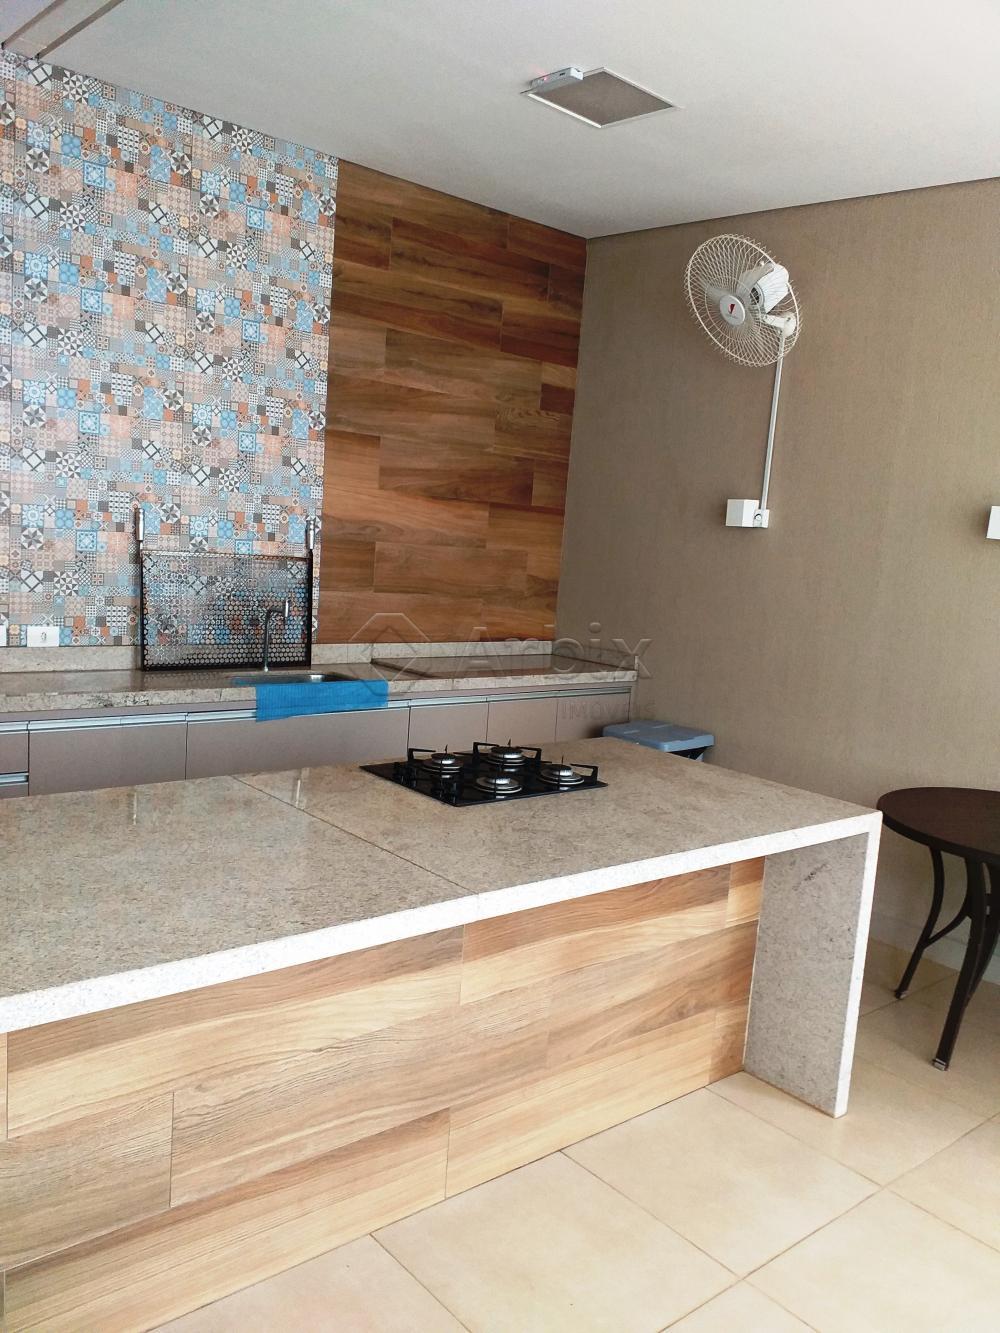 Comprar Apartamento / Padrão em Americana apenas R$ 647.000,00 - Foto 12